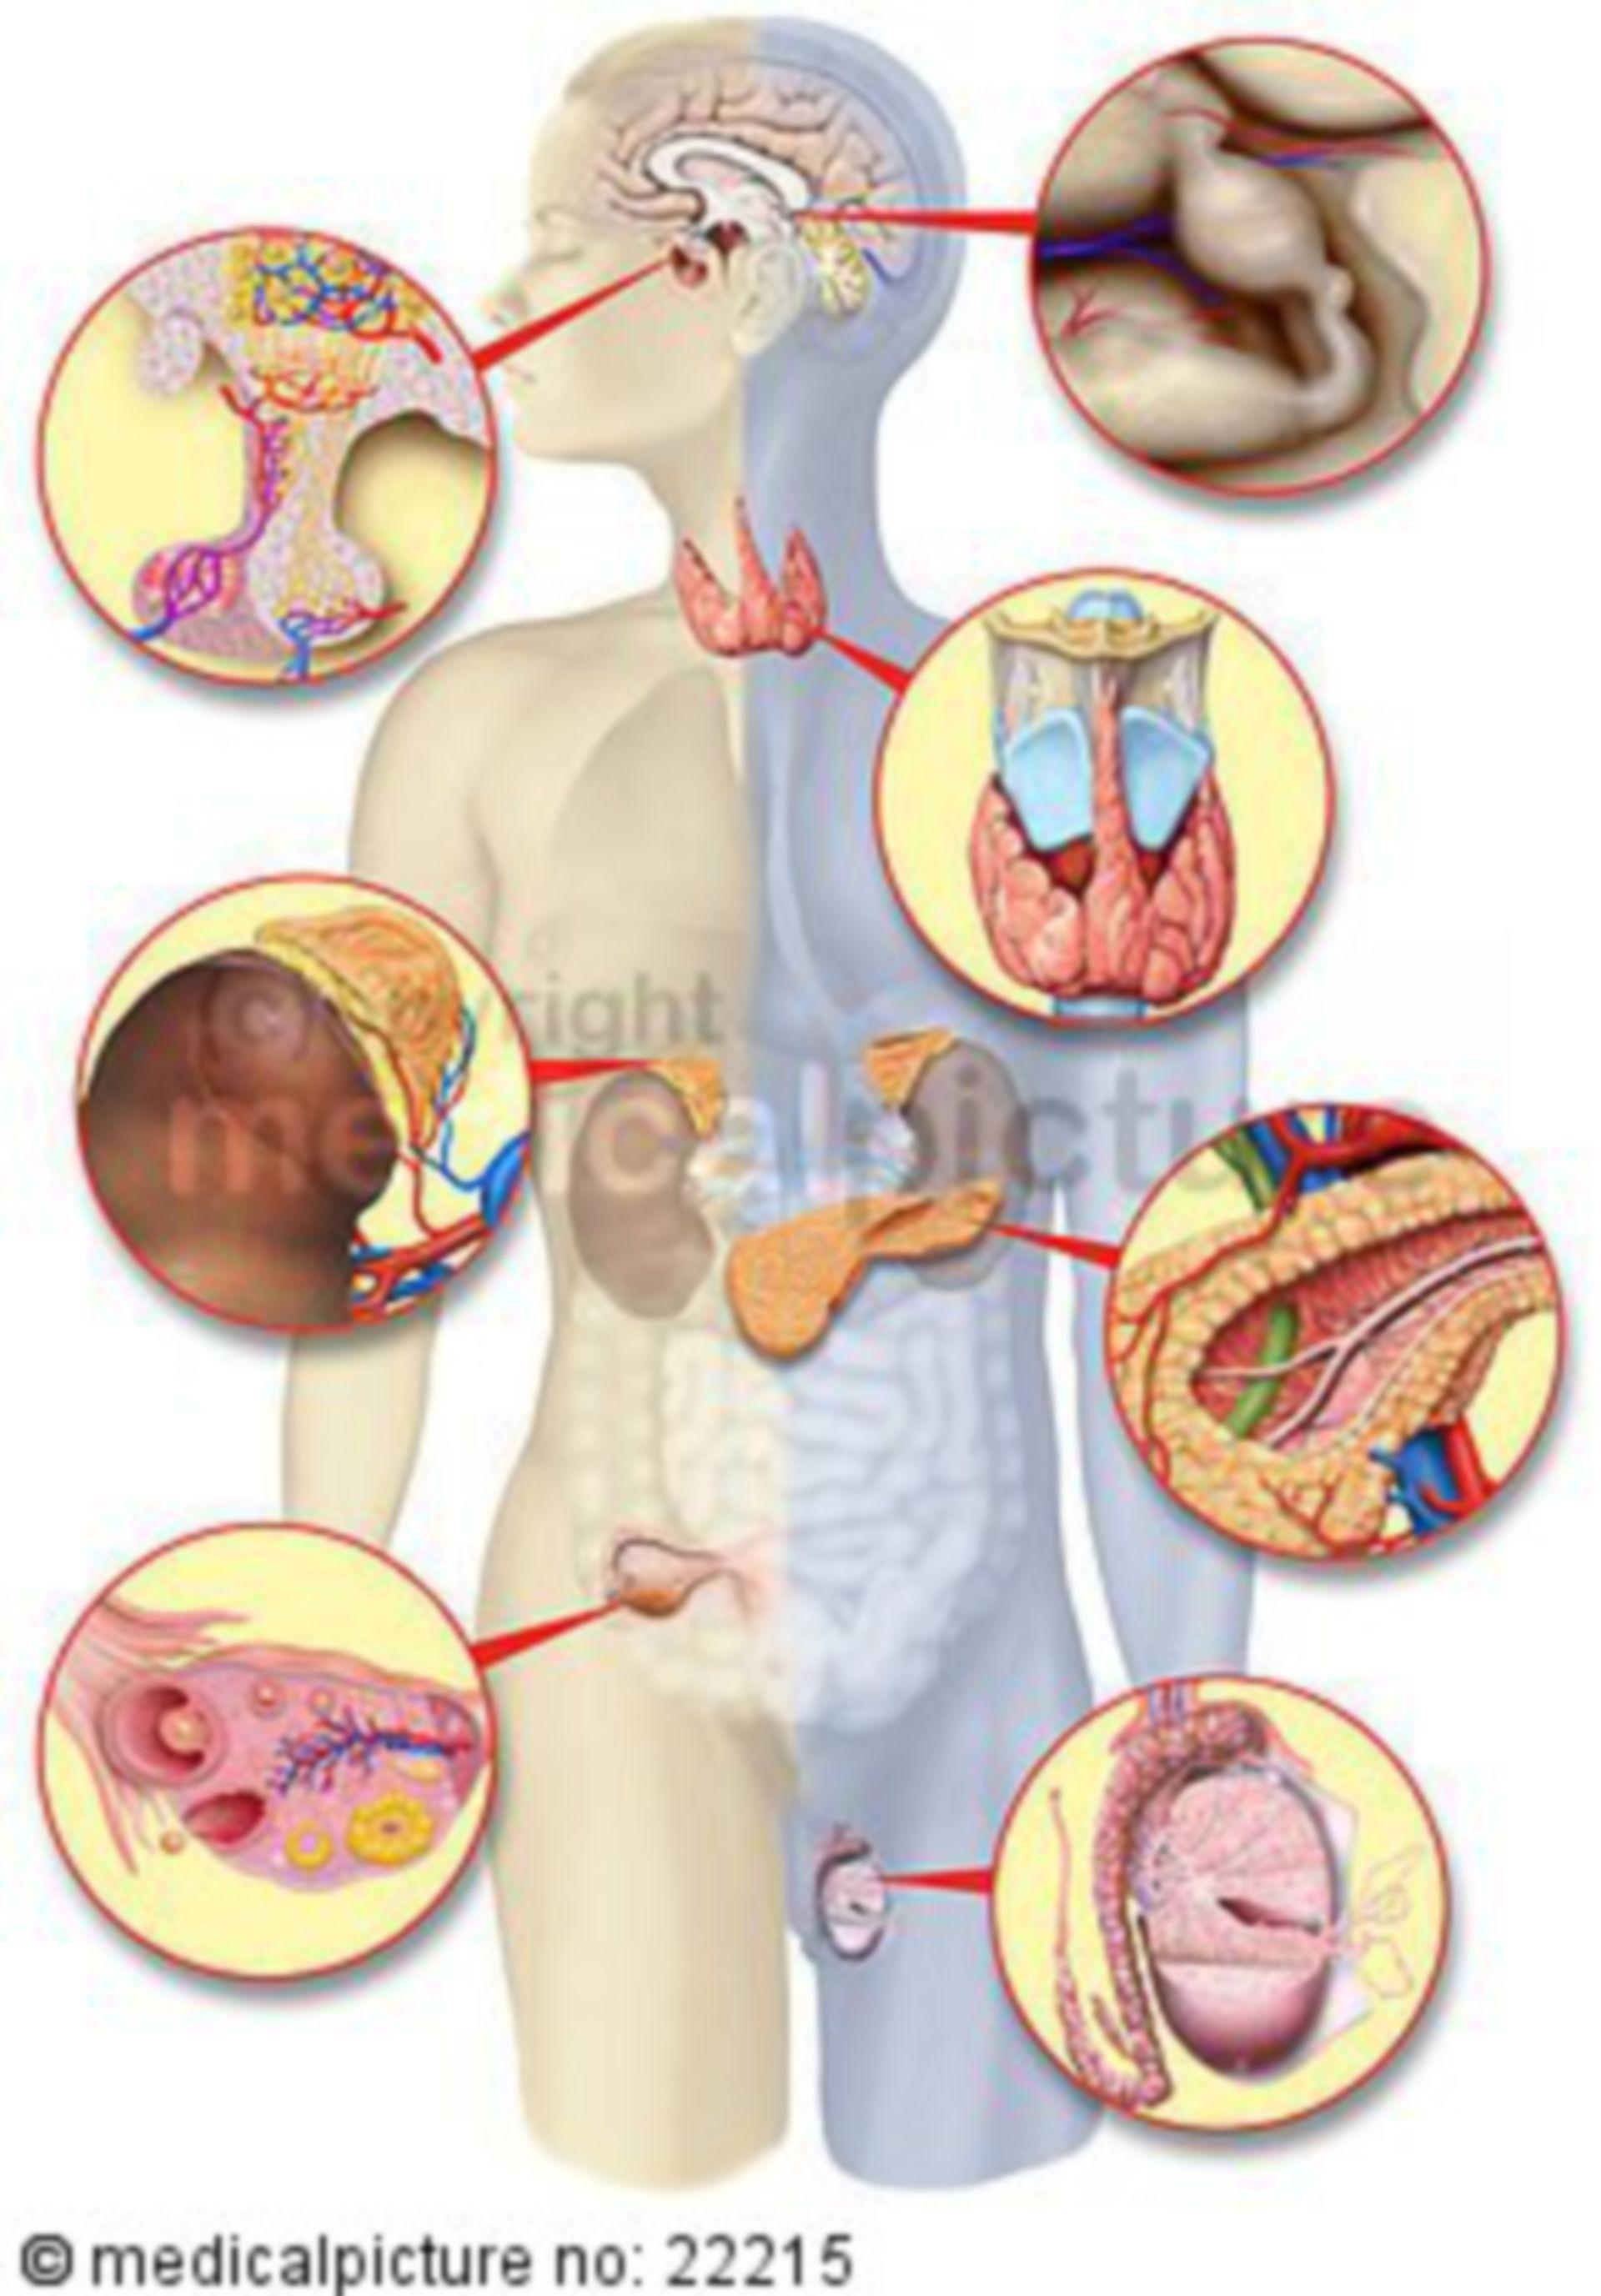 Hormone-producing organs